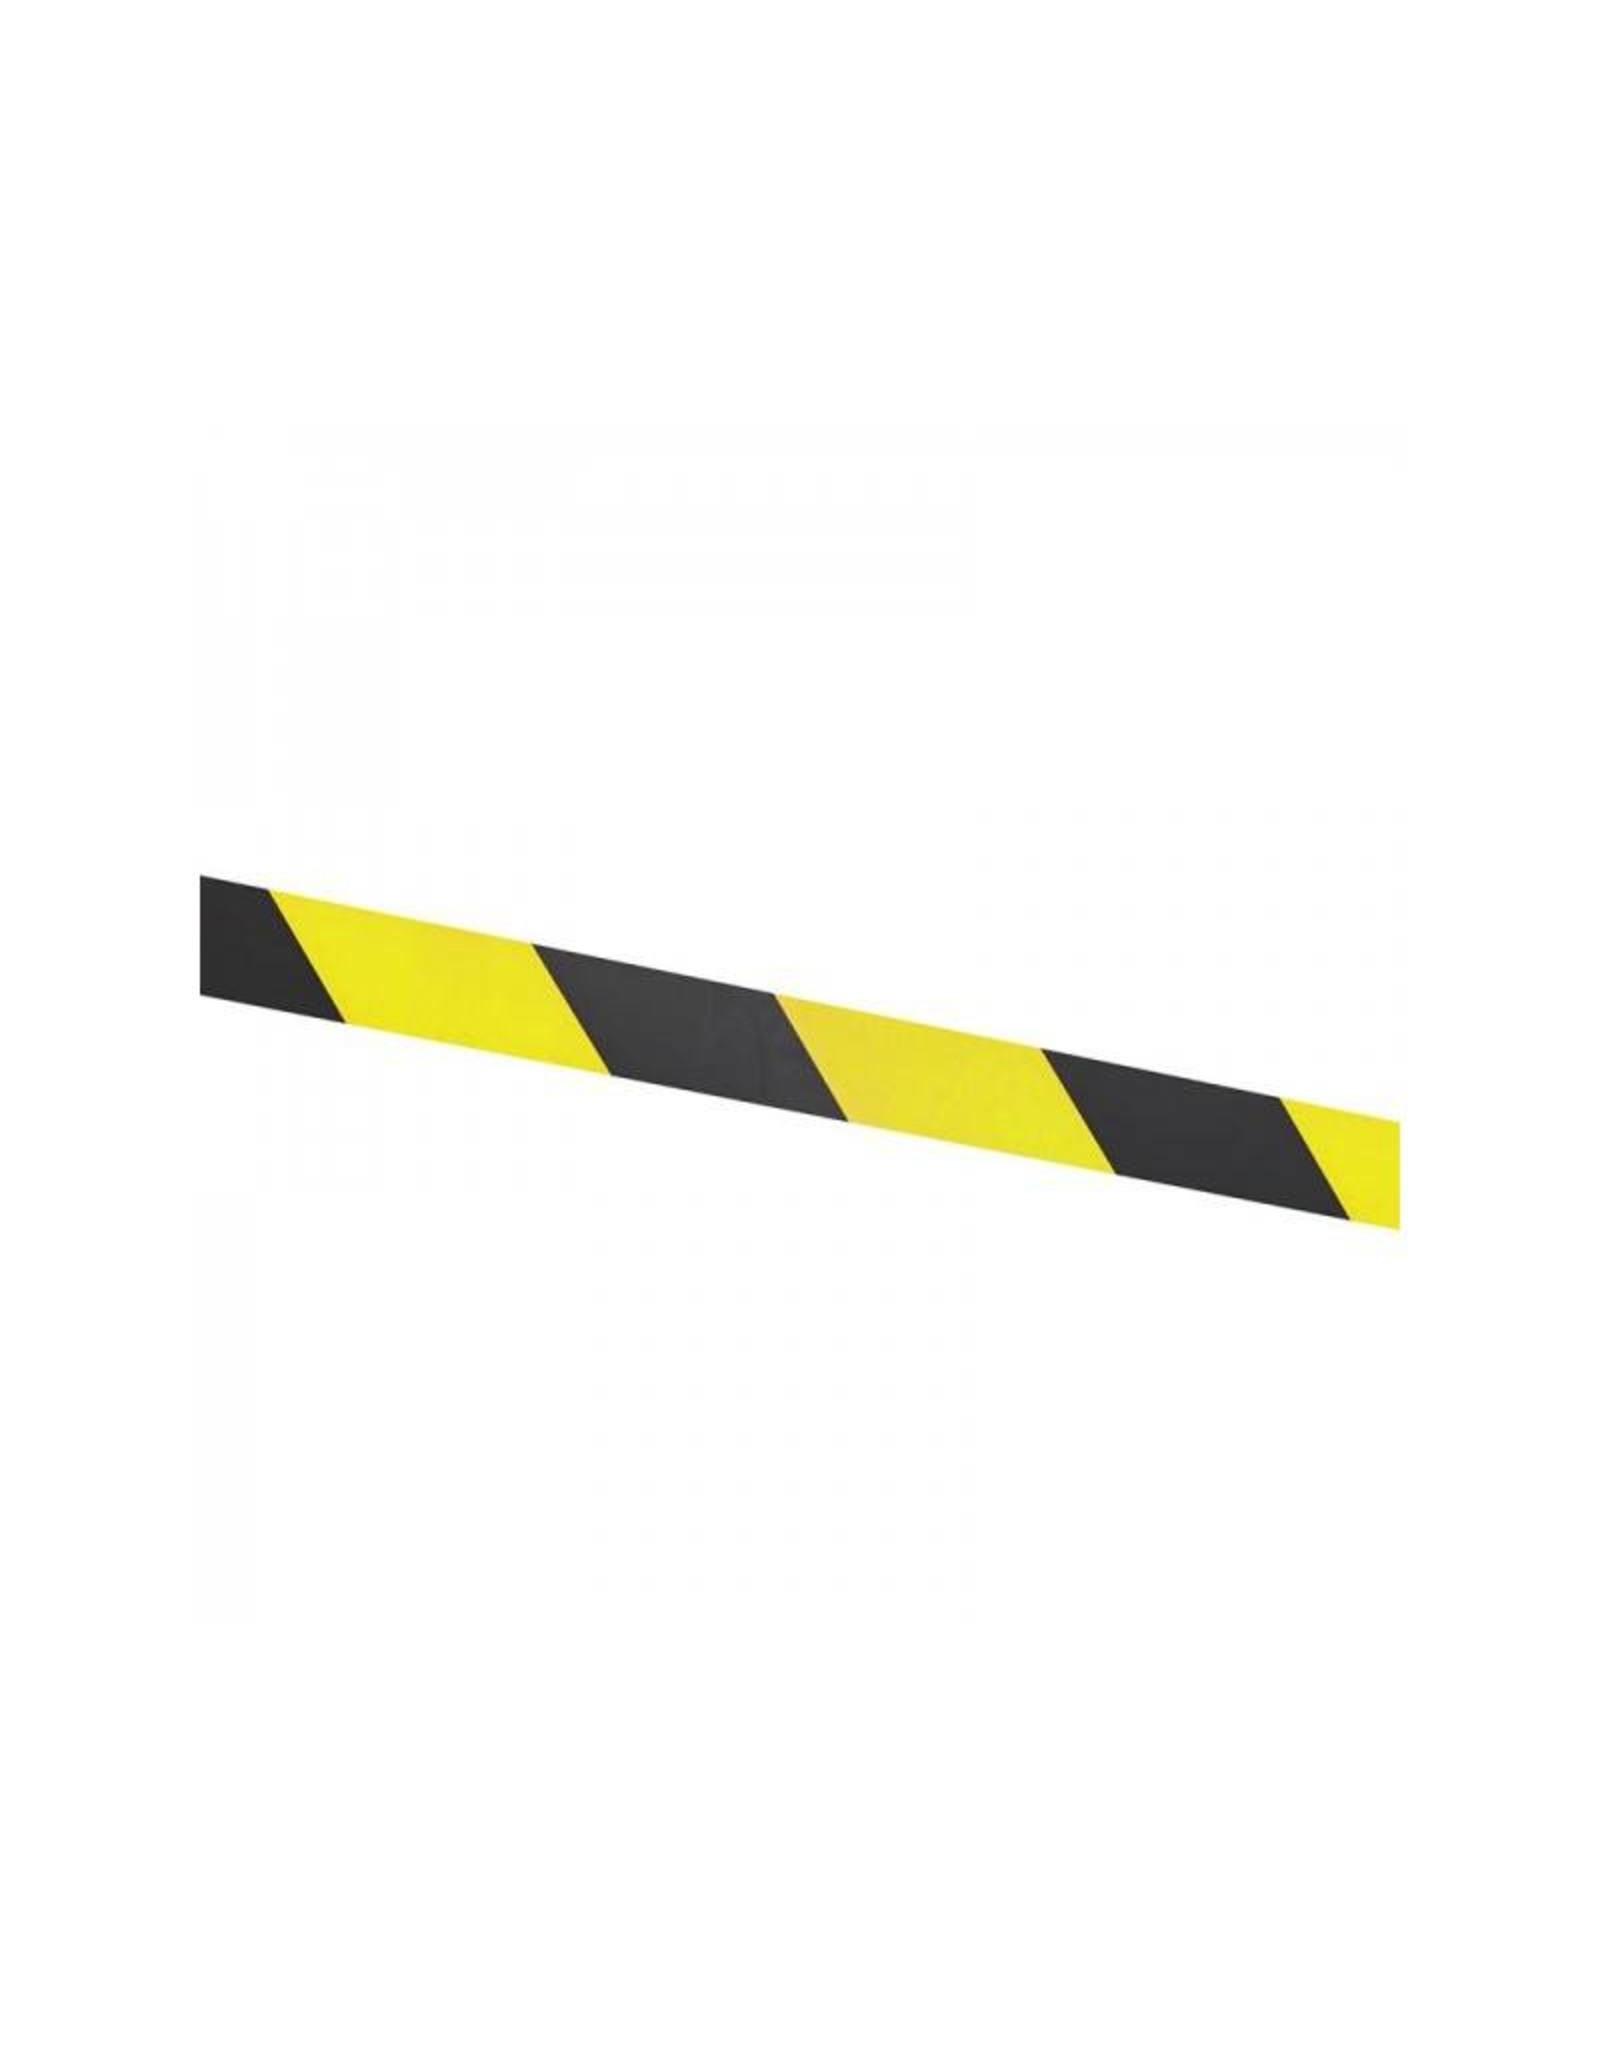 Afzetlint geel/zwart